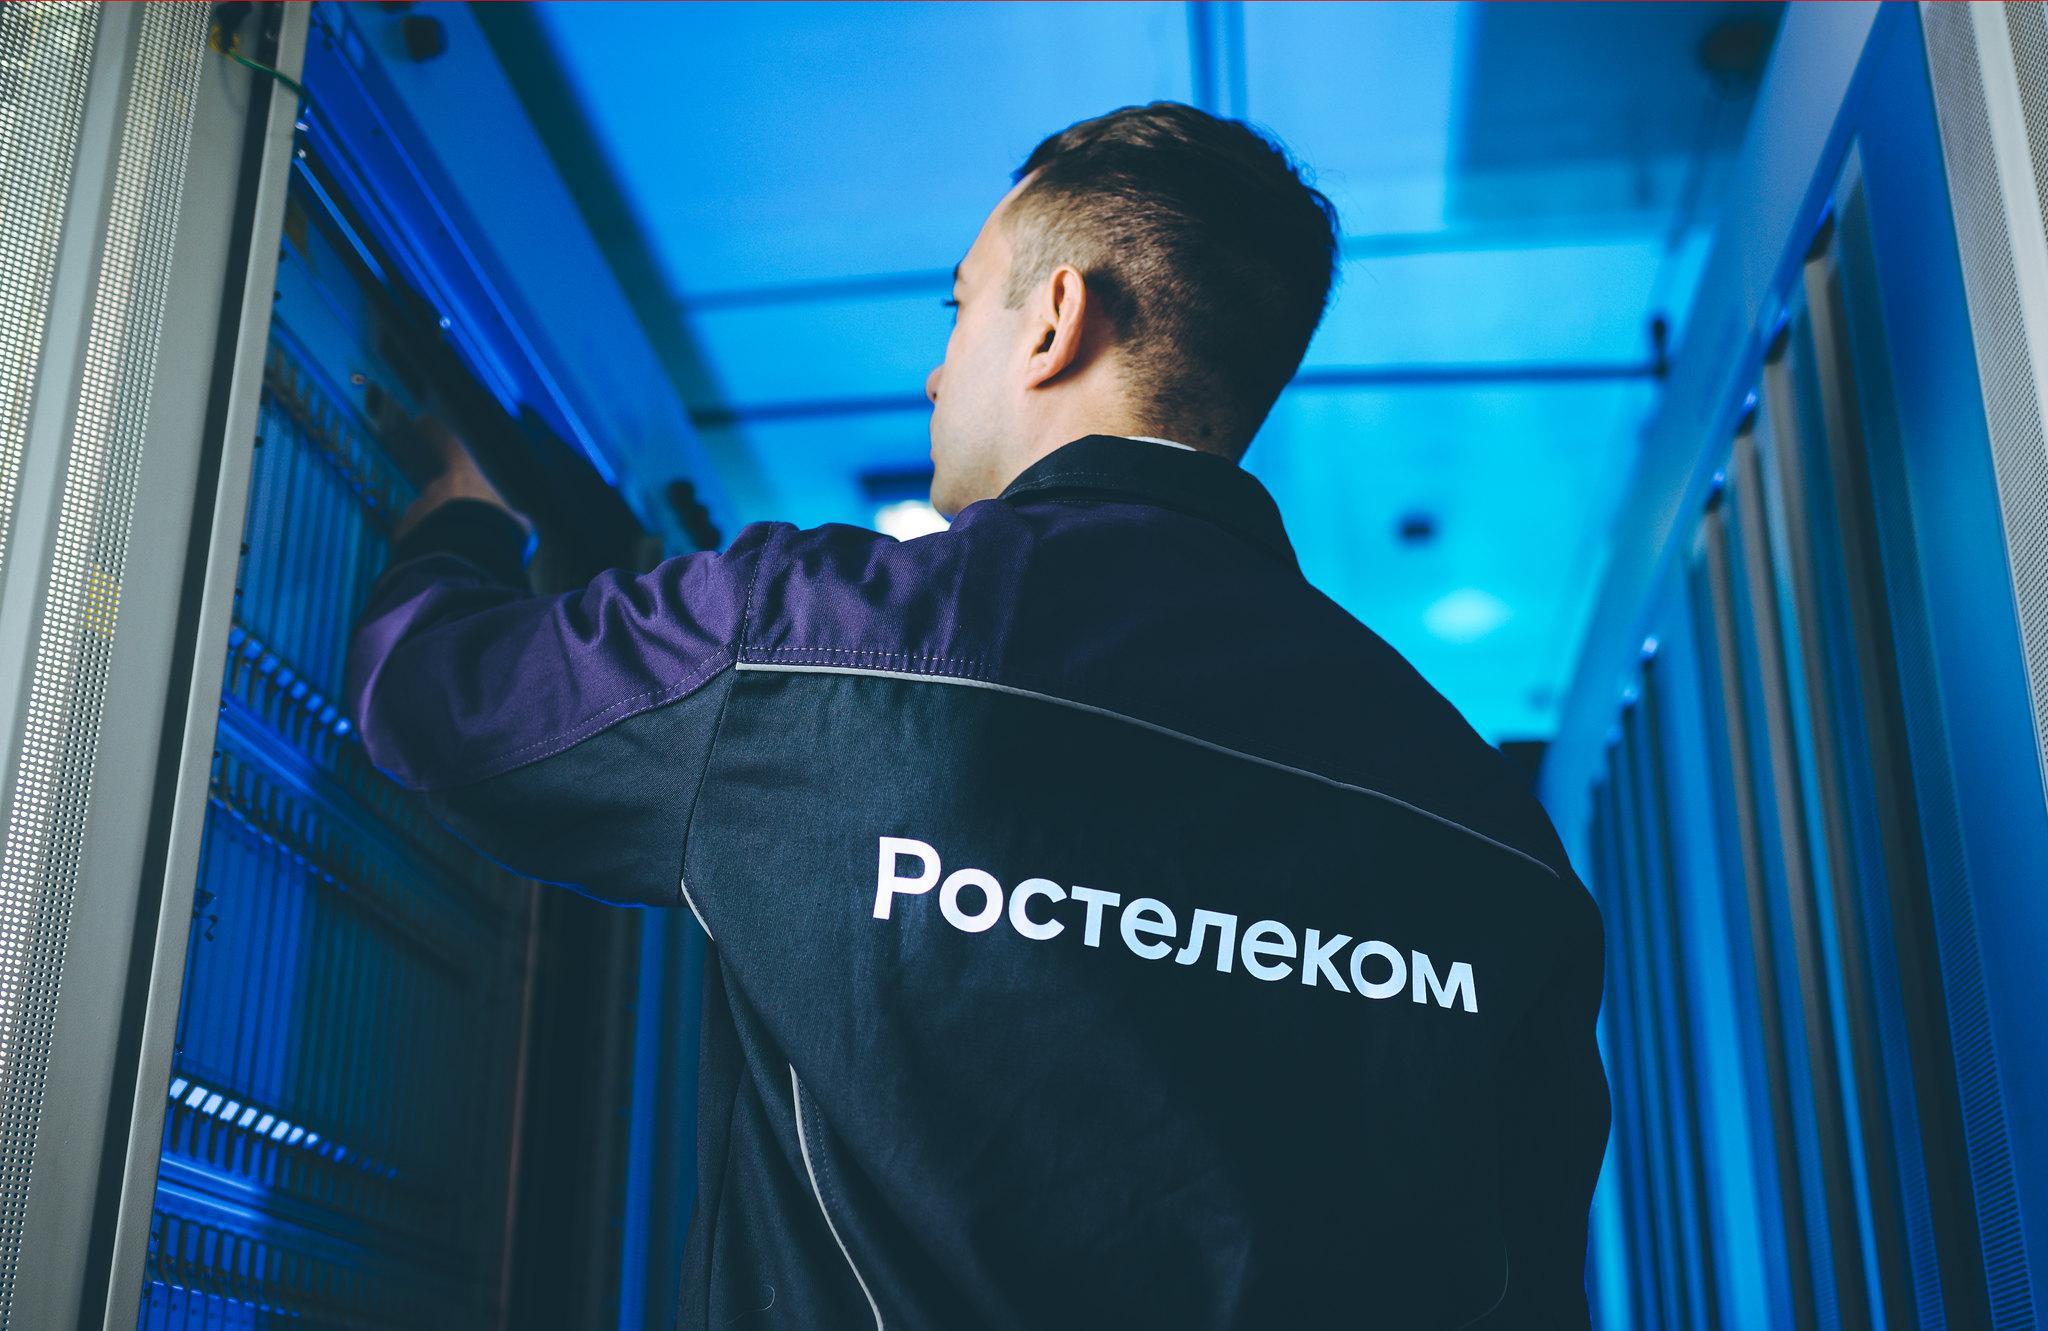 Госкорпорация «Росатом» и «Ростелеком» запускают масштабный ИТ-проект по централизованному управлению доступом к информационным системам